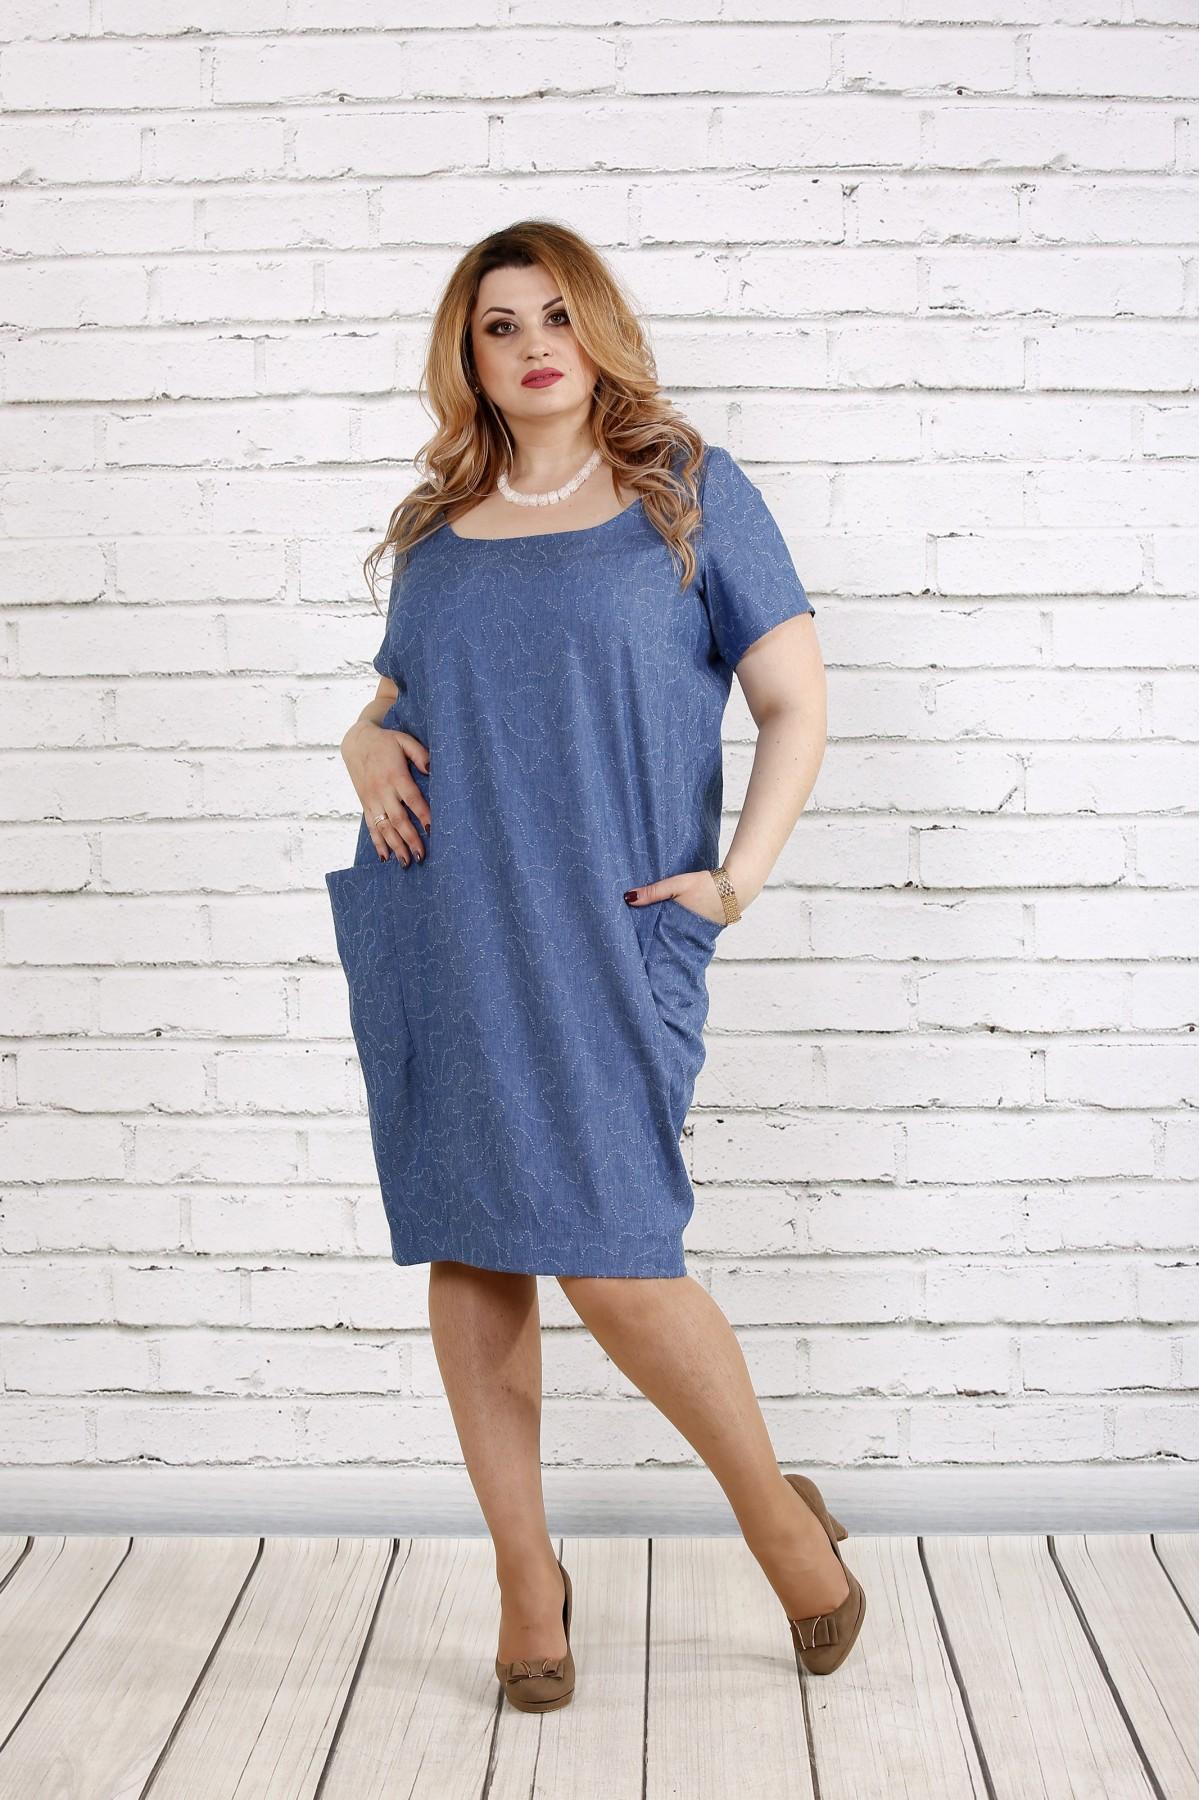 Плаття-мішок джинсового кольору купити недорого  e97a68a7c1987